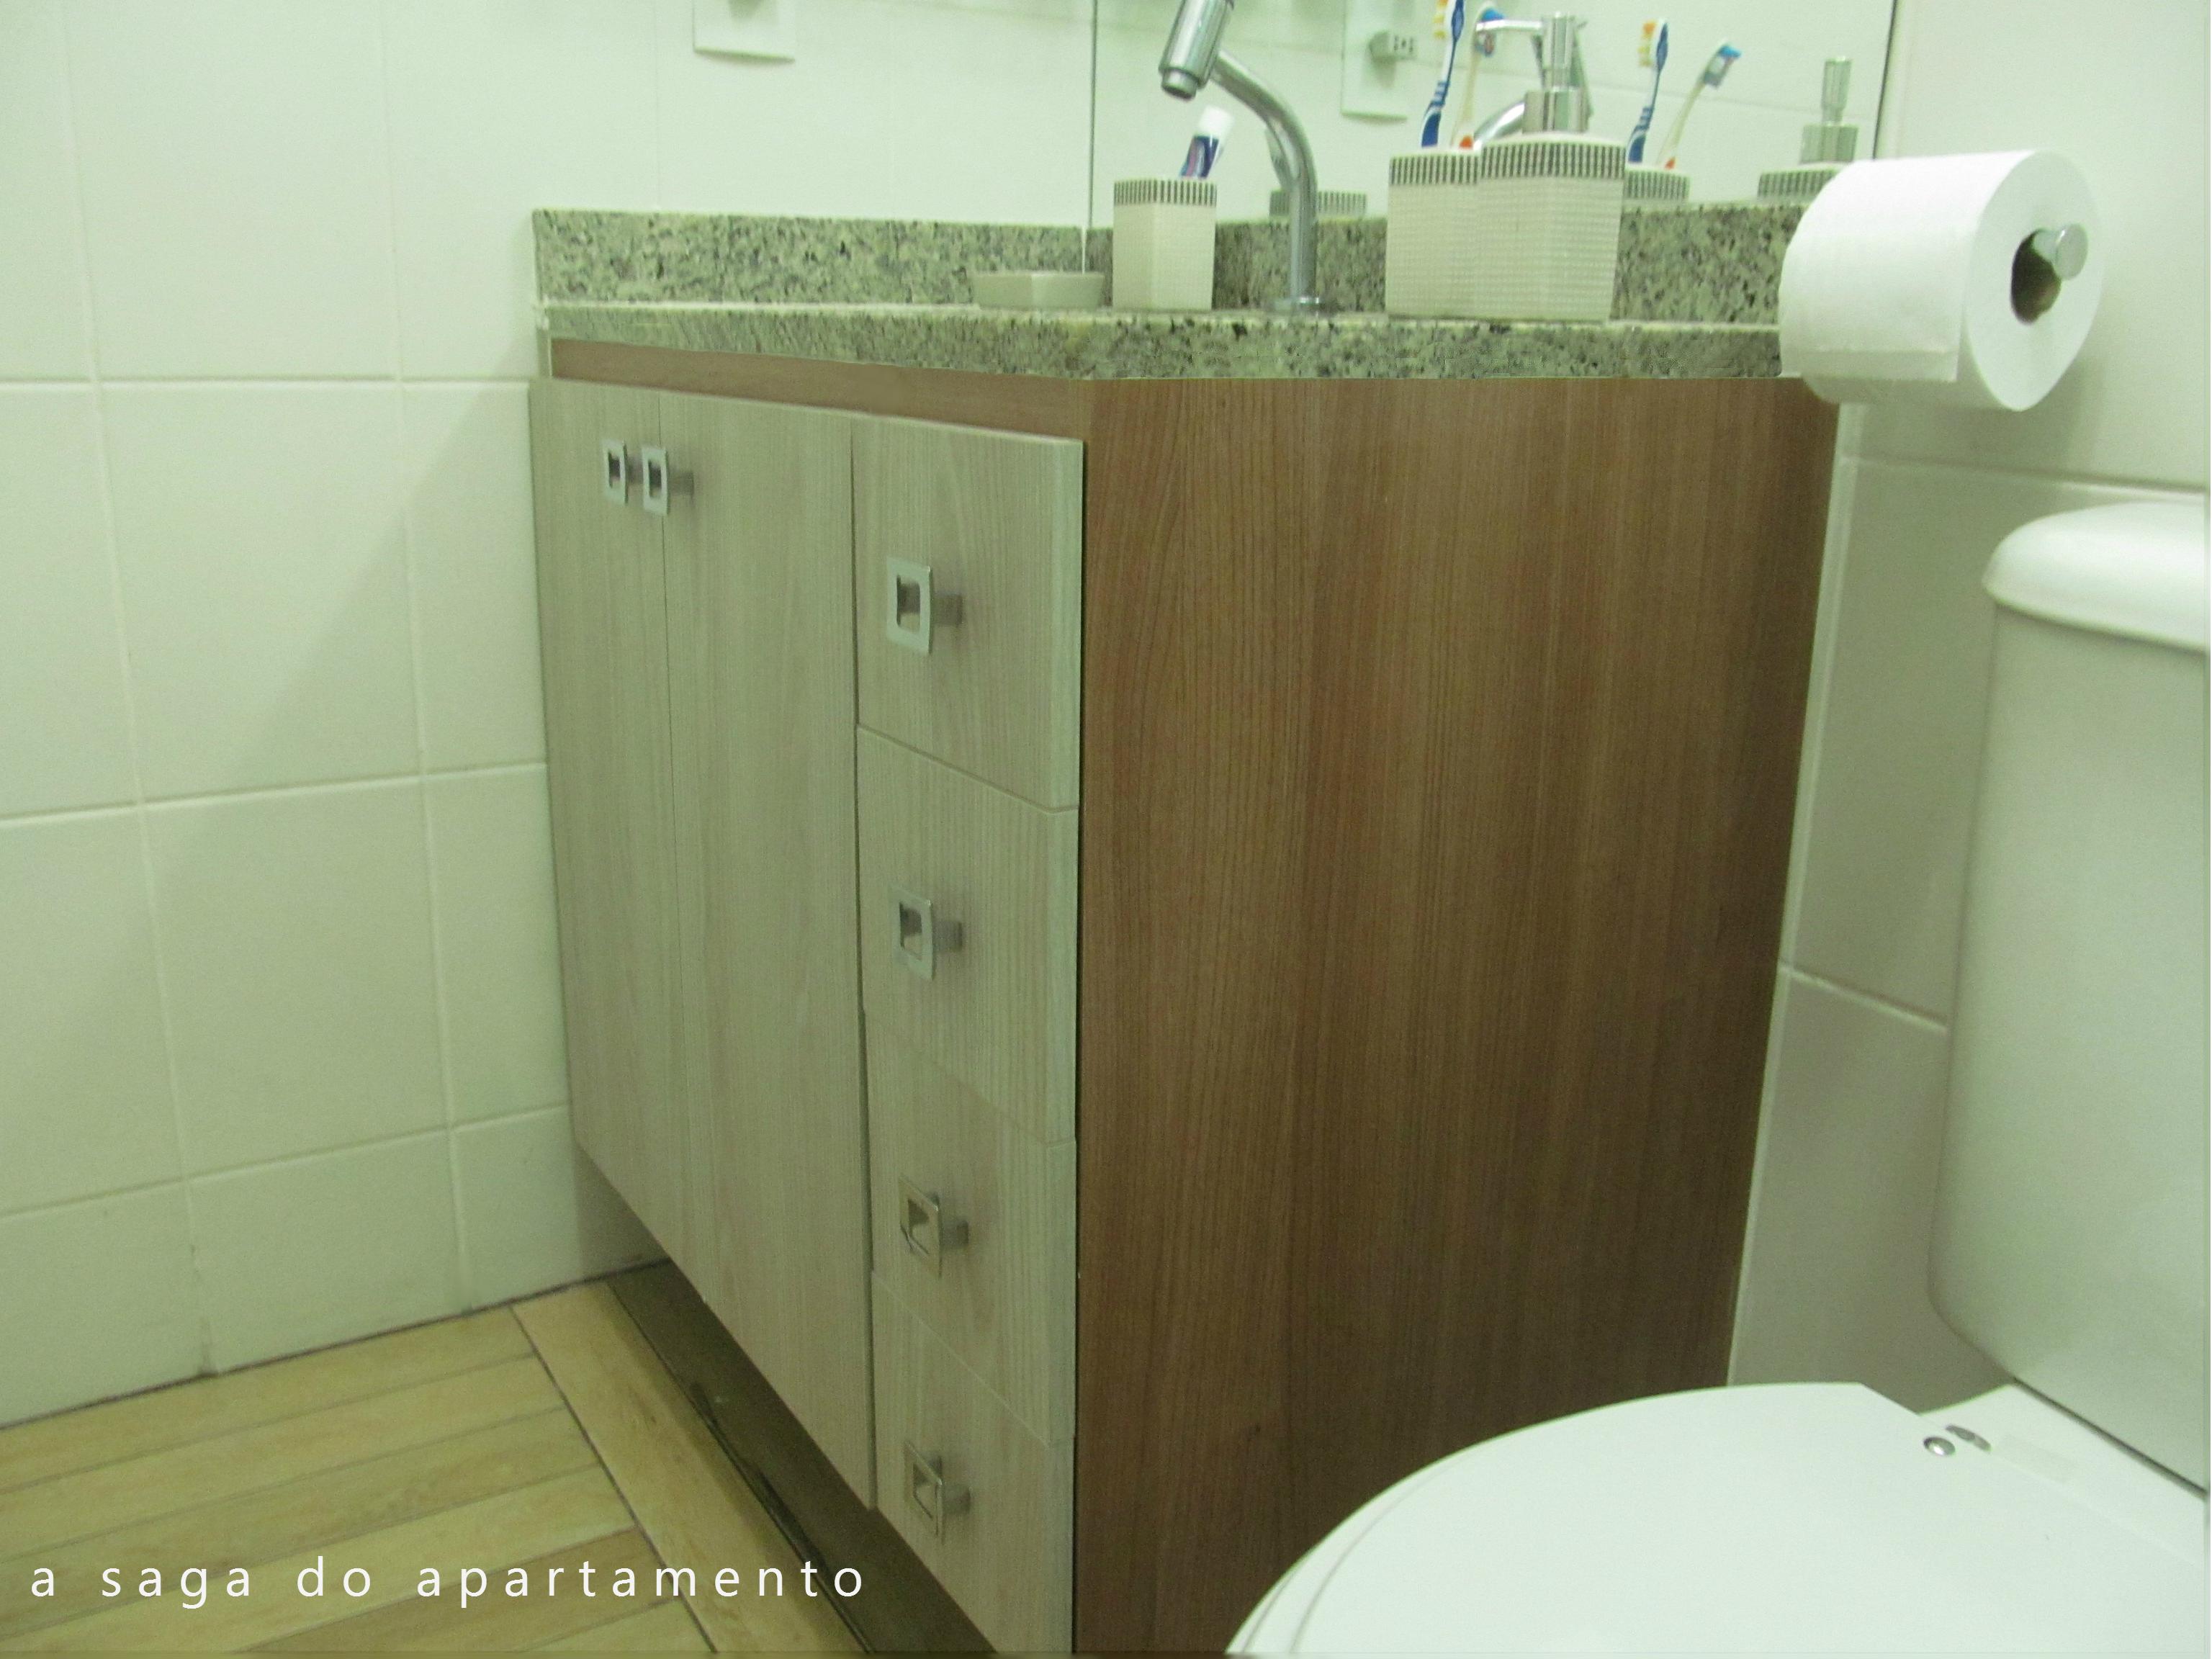 gabinete planejado banheiro  a saga do apartamento -> Banheiro Planejado Cinza